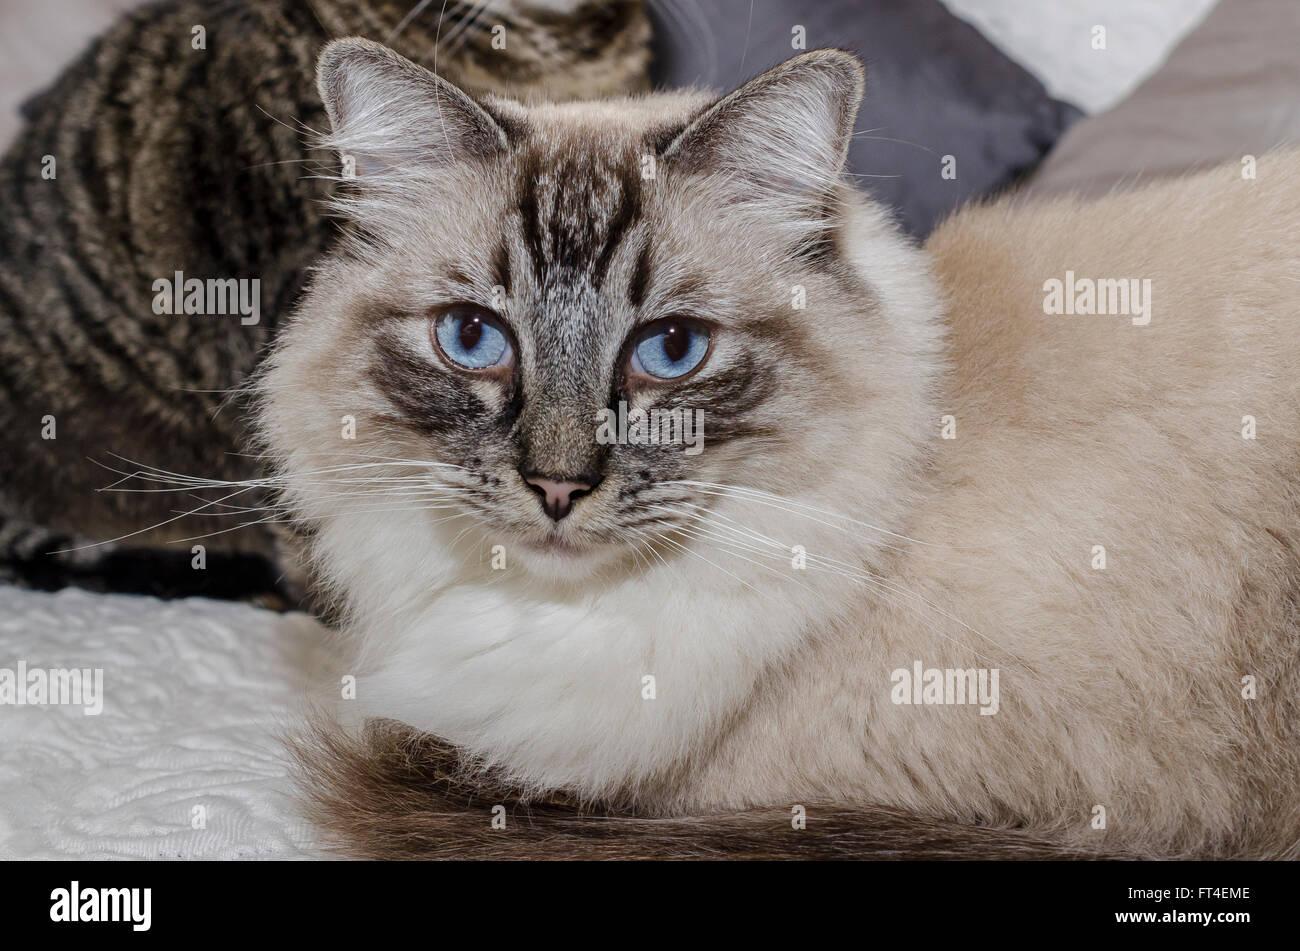 Chatte Ragdoll et chatte européenne Stockbild